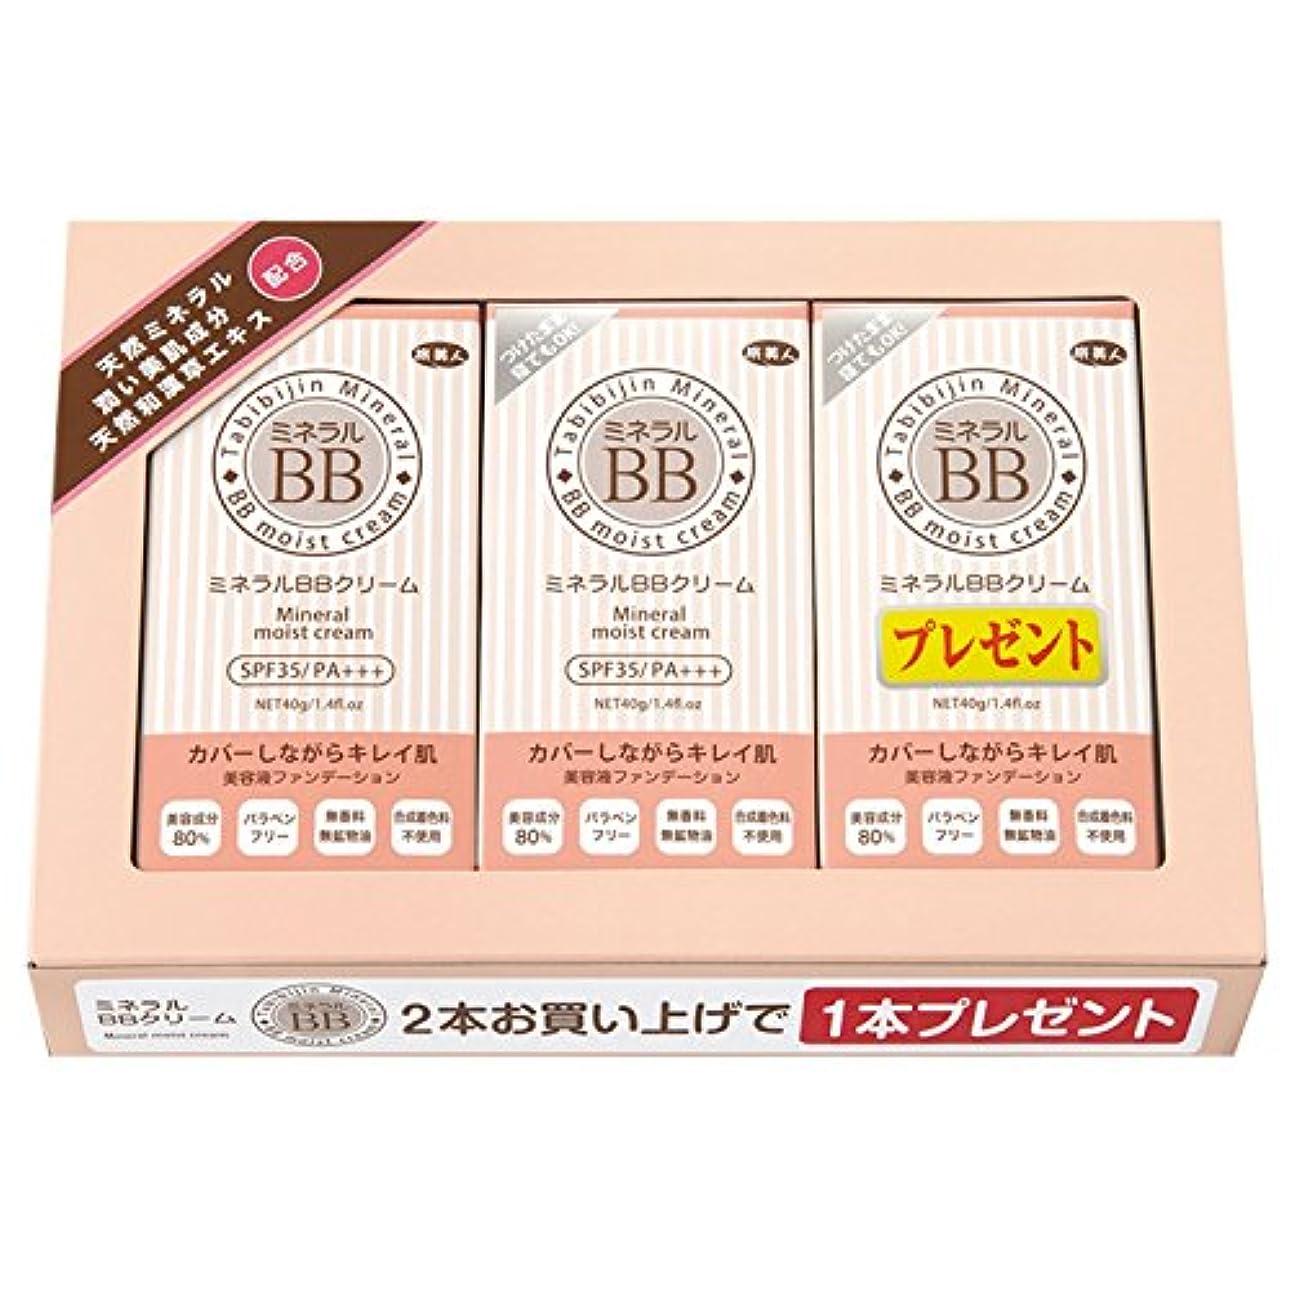 輸血開示する鈍いアズマ商事の ミネラルBBクリーム お得な 2本のお値段で3本入りセット